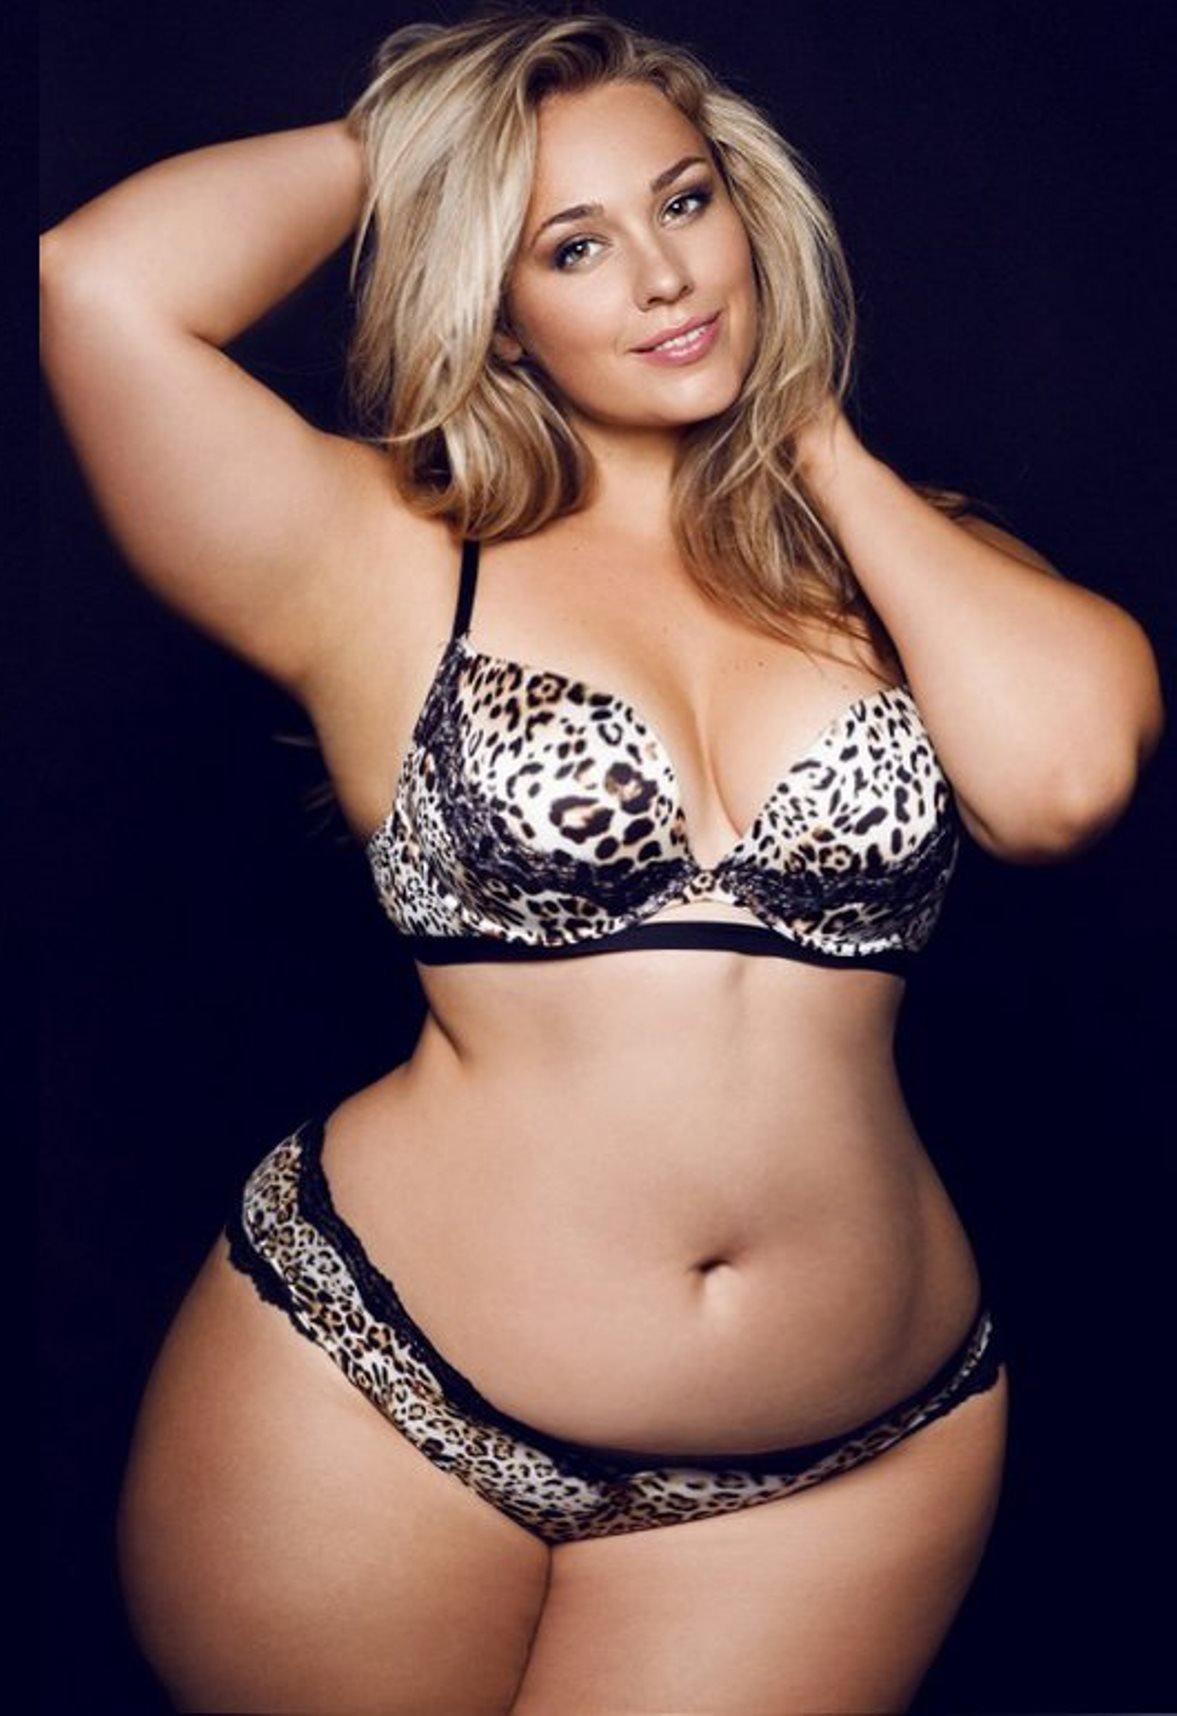 chubby-hot